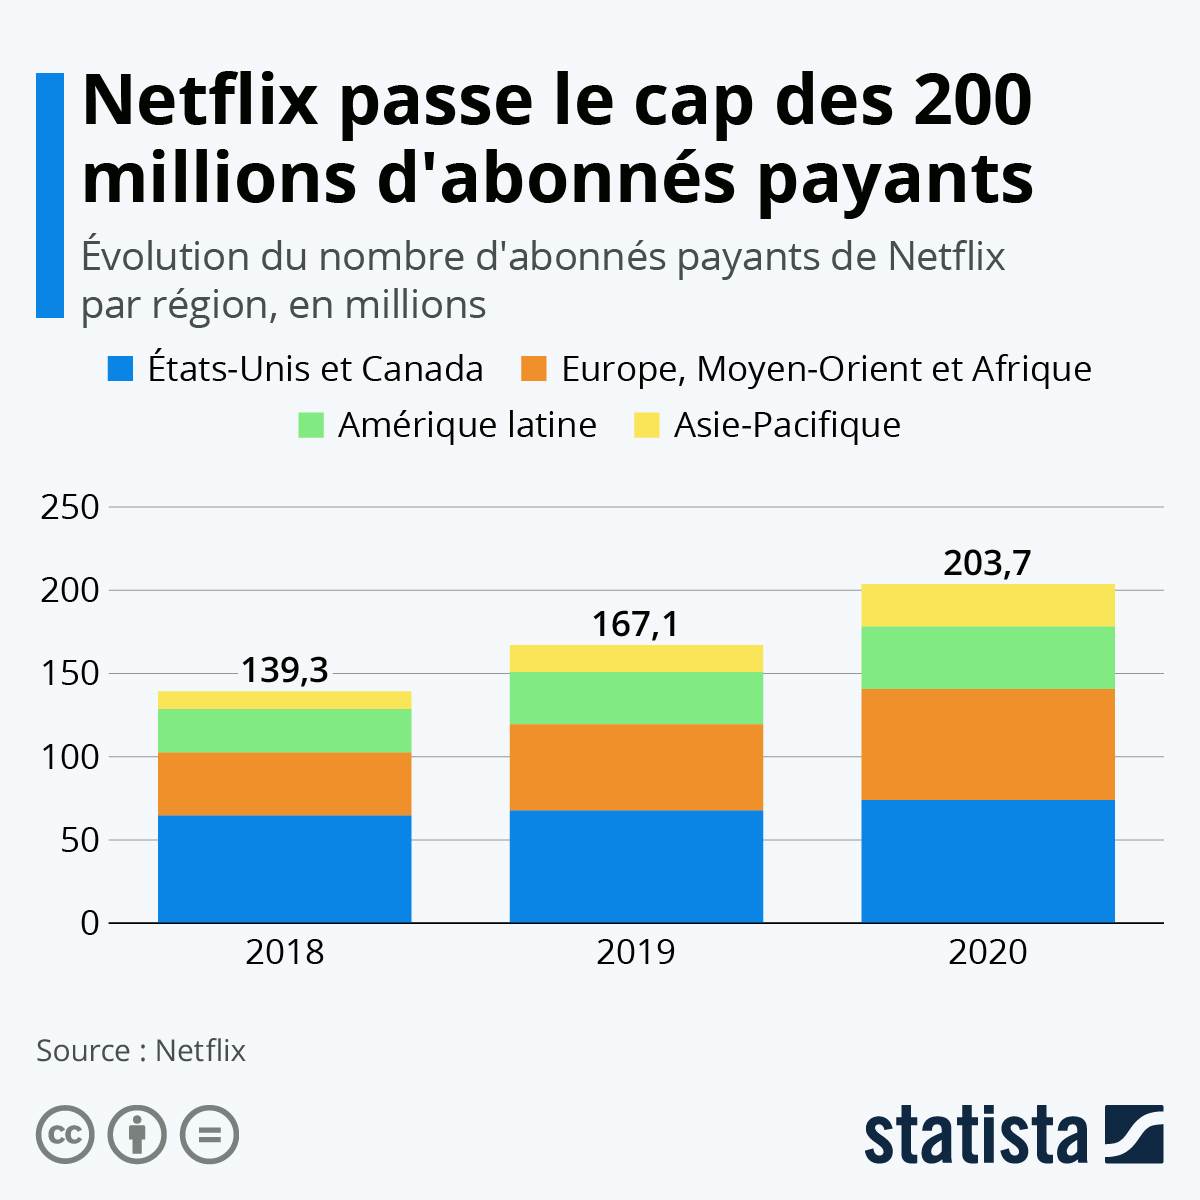 Infographie: Netflix passe le cap des 200 millions d'abonnés payants | Statista